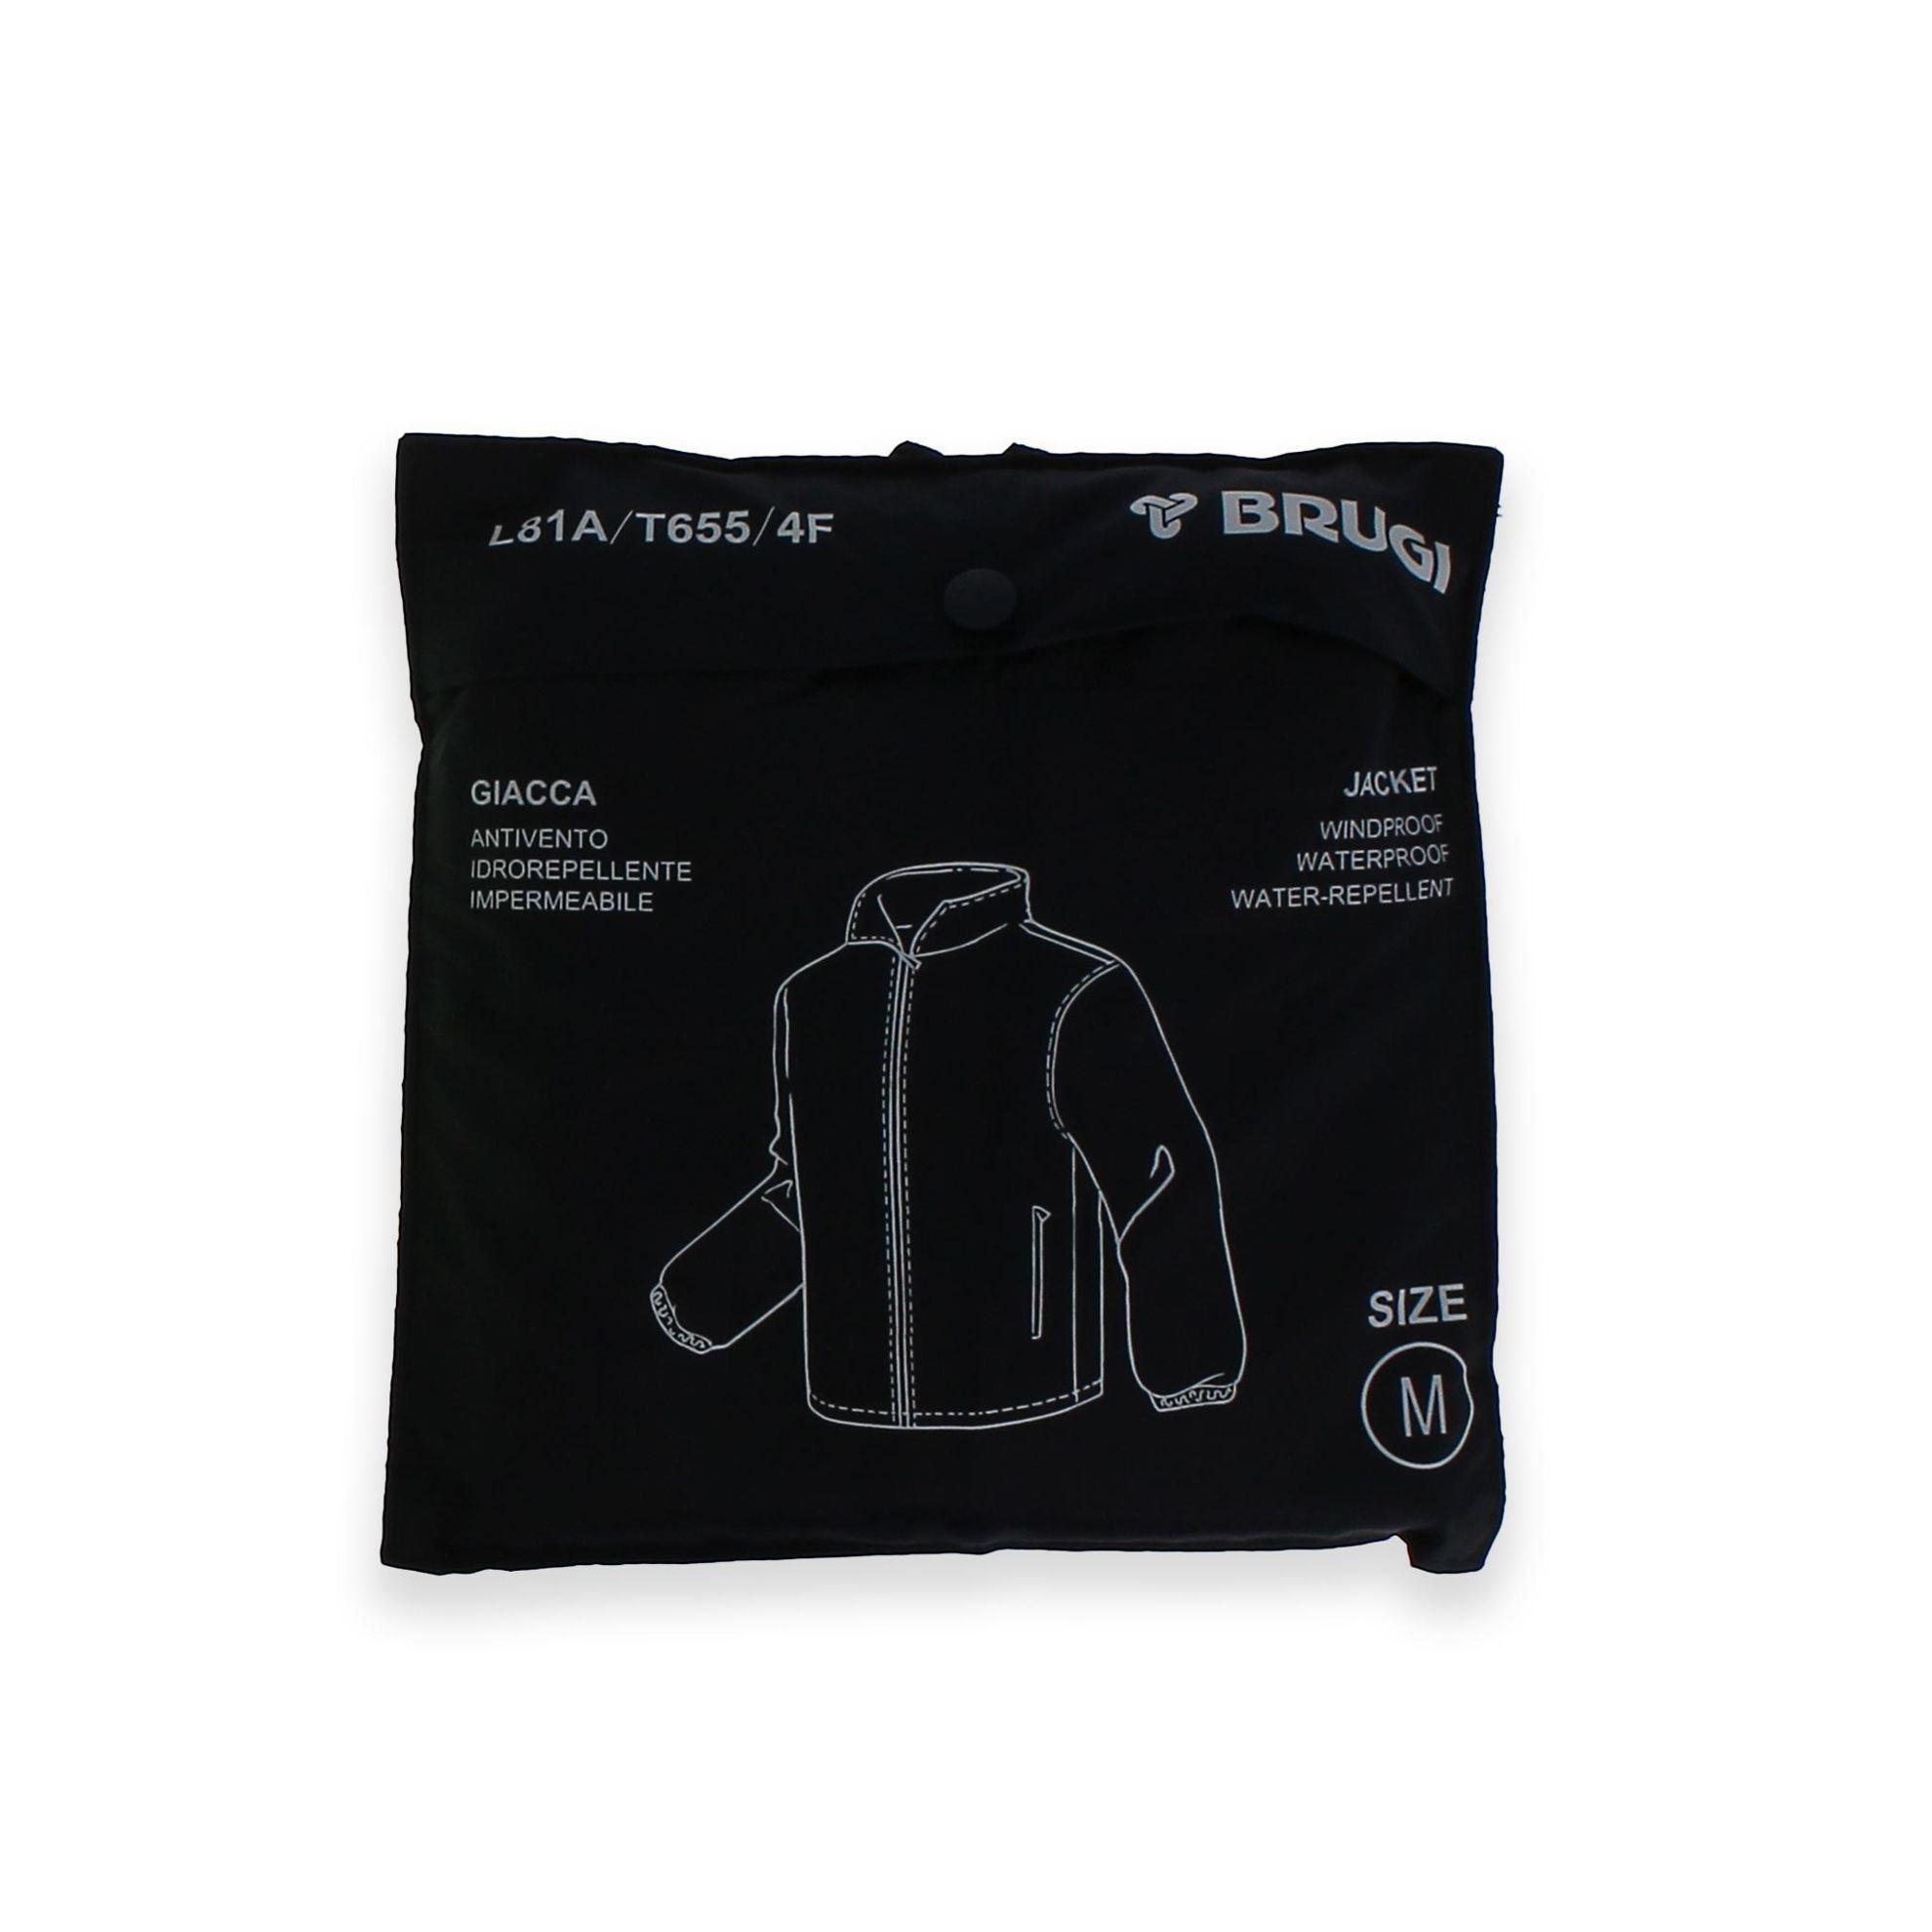 Immagine di BRUGI - Giacca  idrorepellente, antivento e impermeabile, ripiegabile in tasca